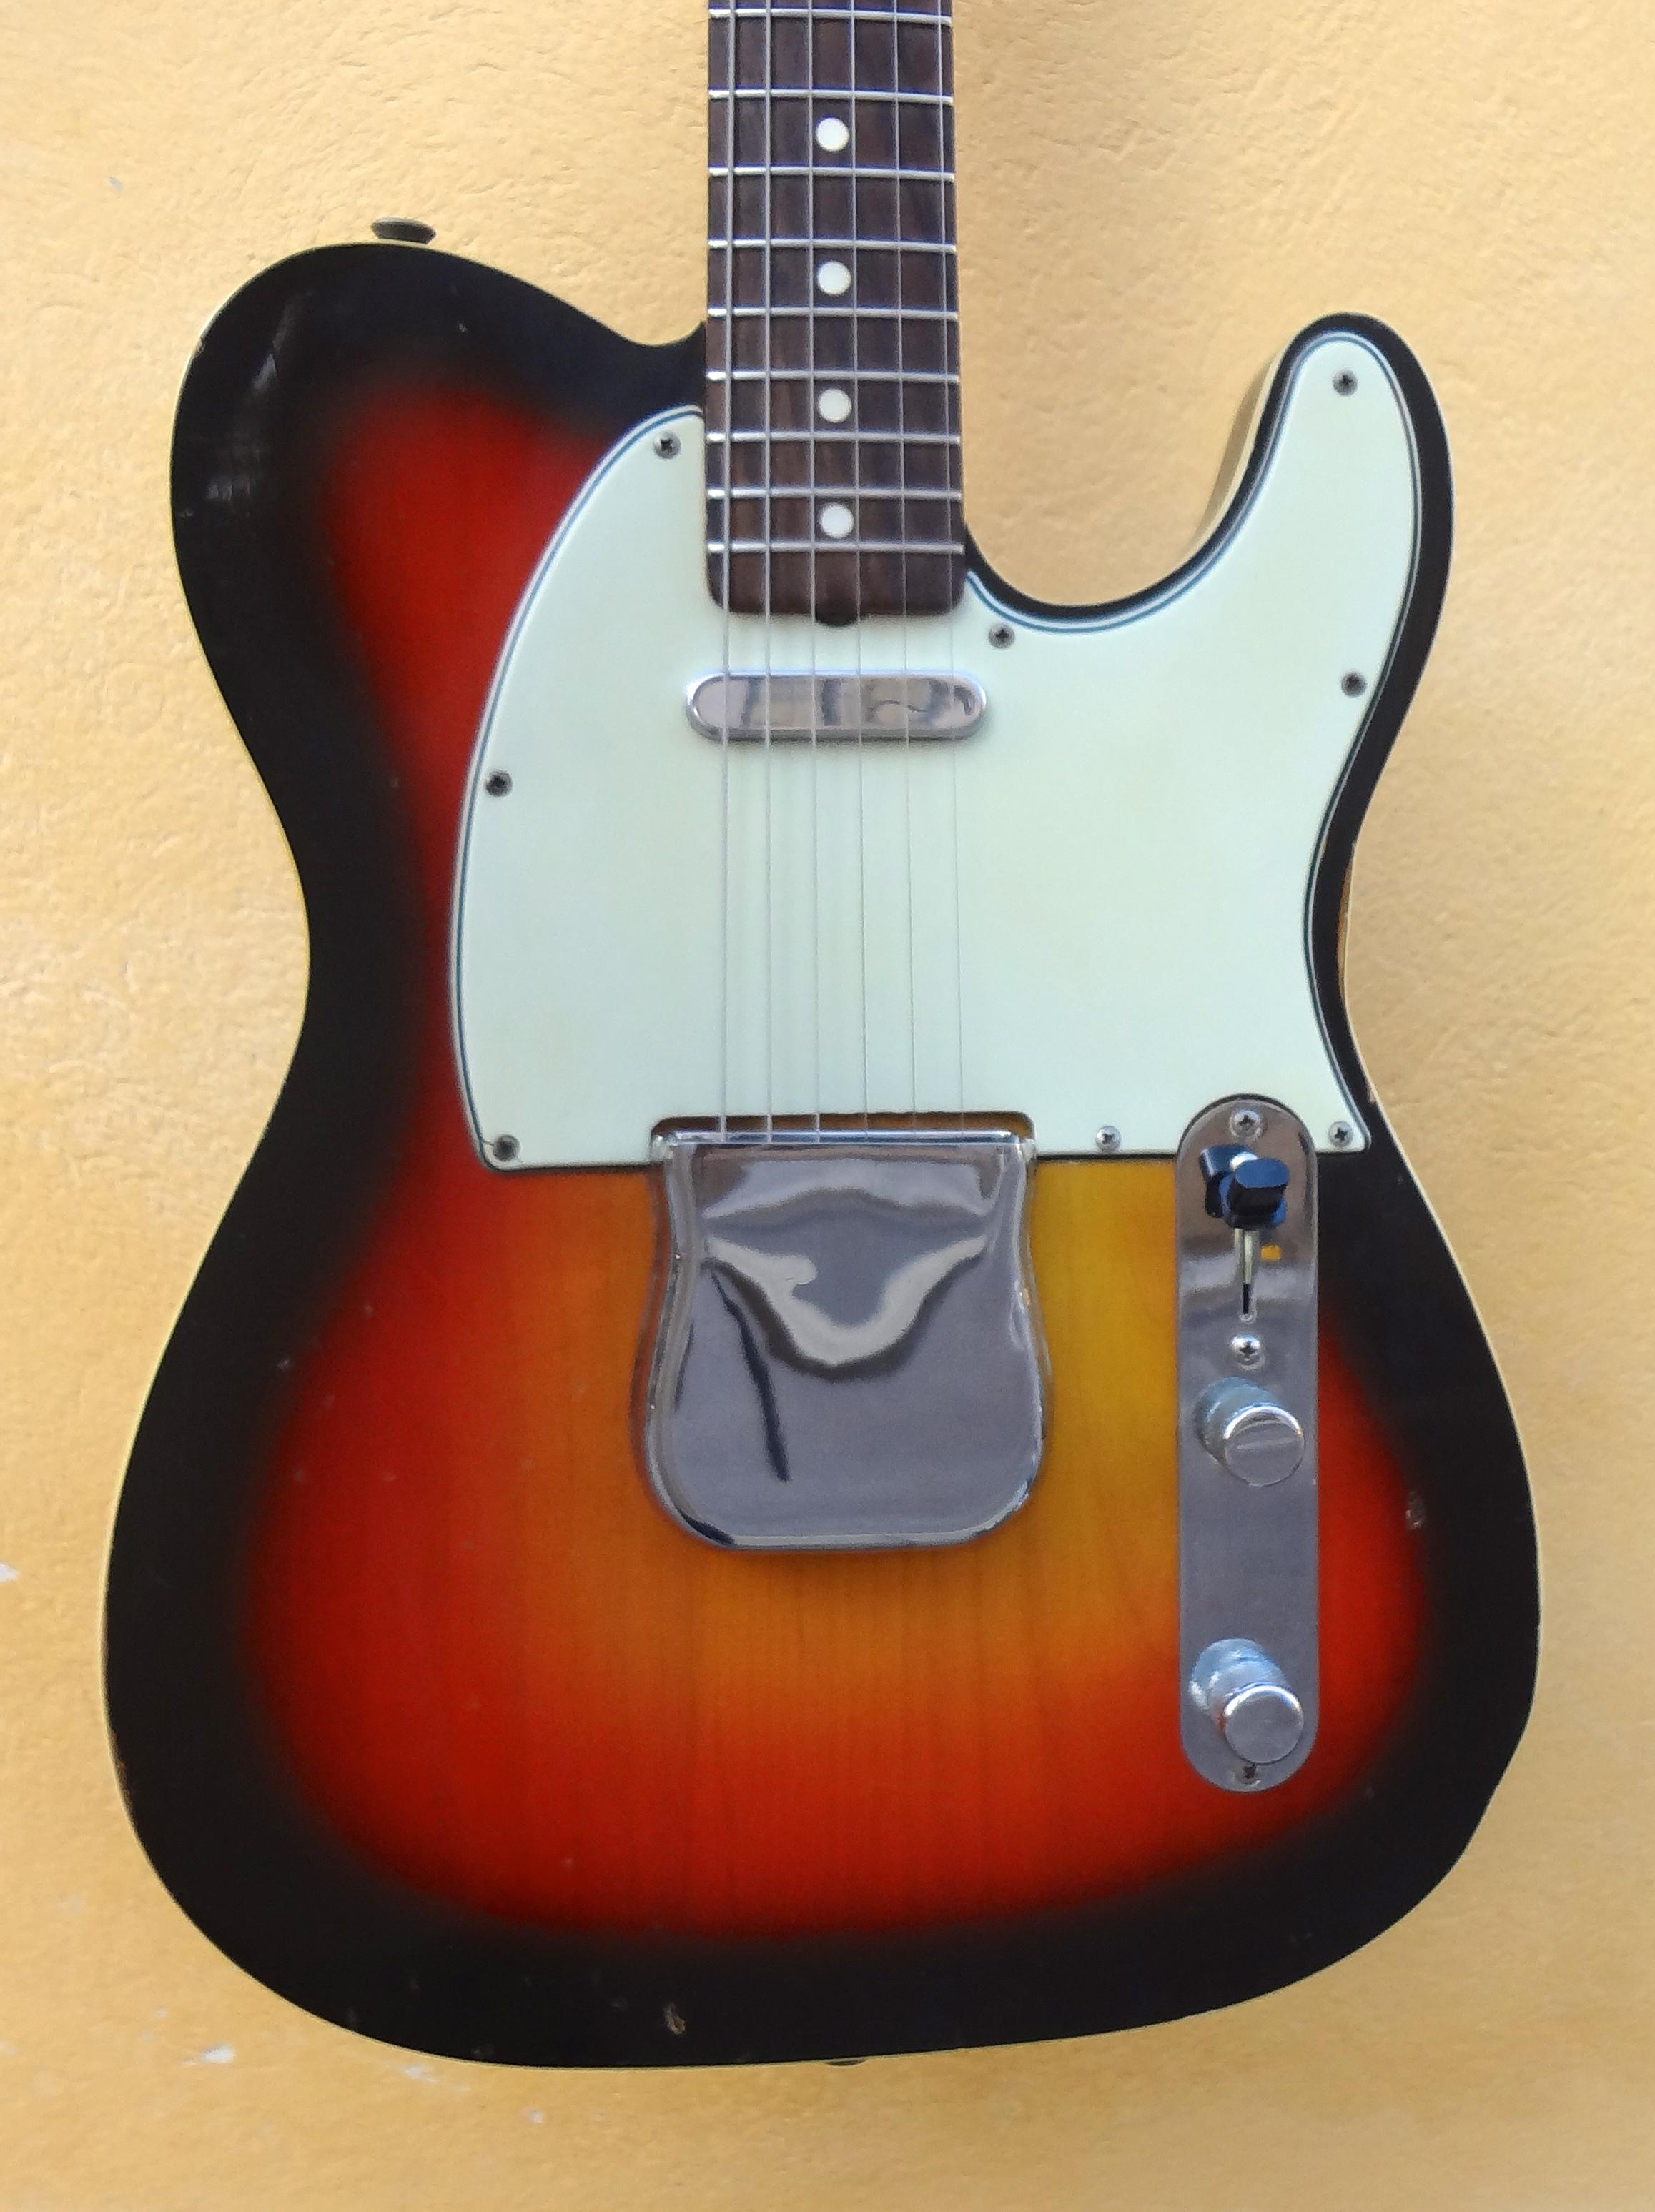 fender telecaster custom 1965 sunburst guitar for sale halkans rockhouse. Black Bedroom Furniture Sets. Home Design Ideas